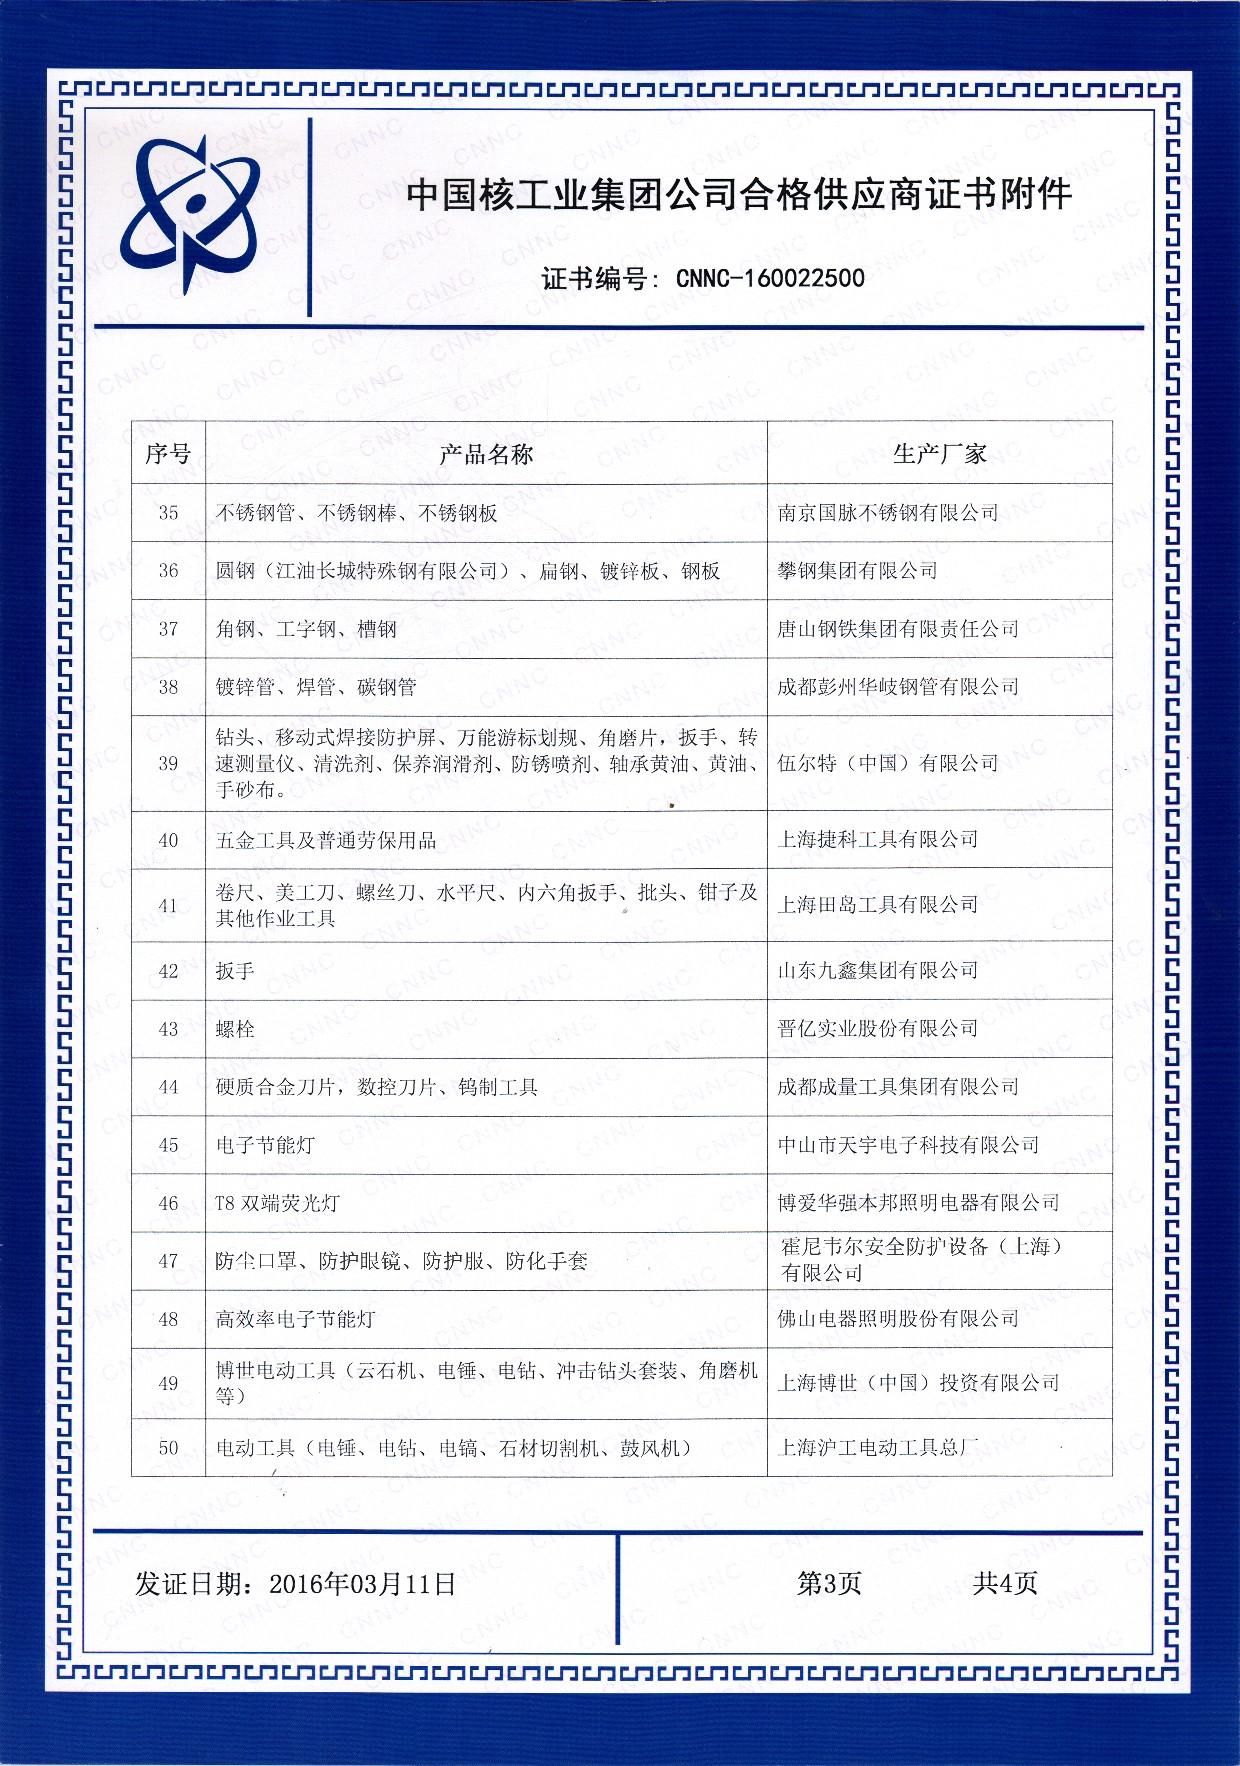 中核集团合格供应商证书图片